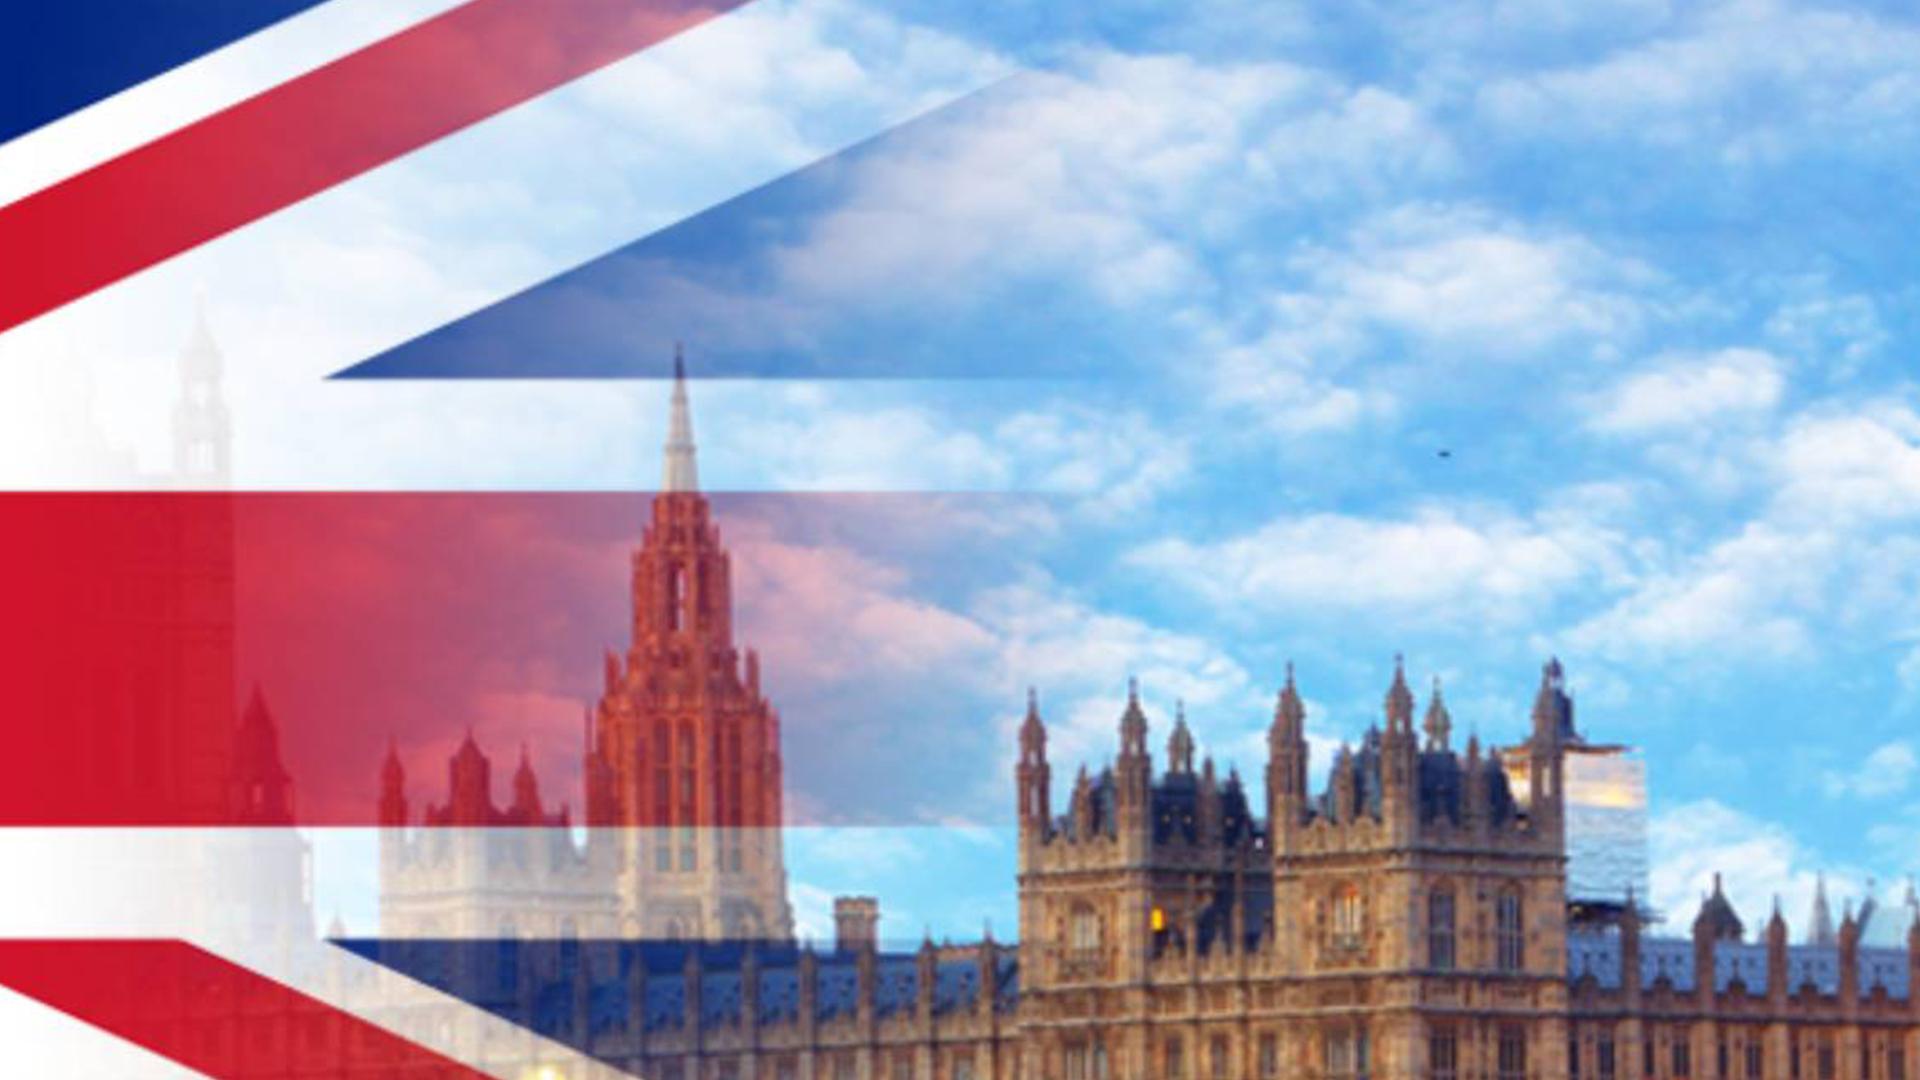 """อังกฤษถอนชื่อไทย พ้น""""บัญชีแดง""""เดินทางเข้าไม่ต้องกักตัว ตั้งแต่ 11 ต.ค."""